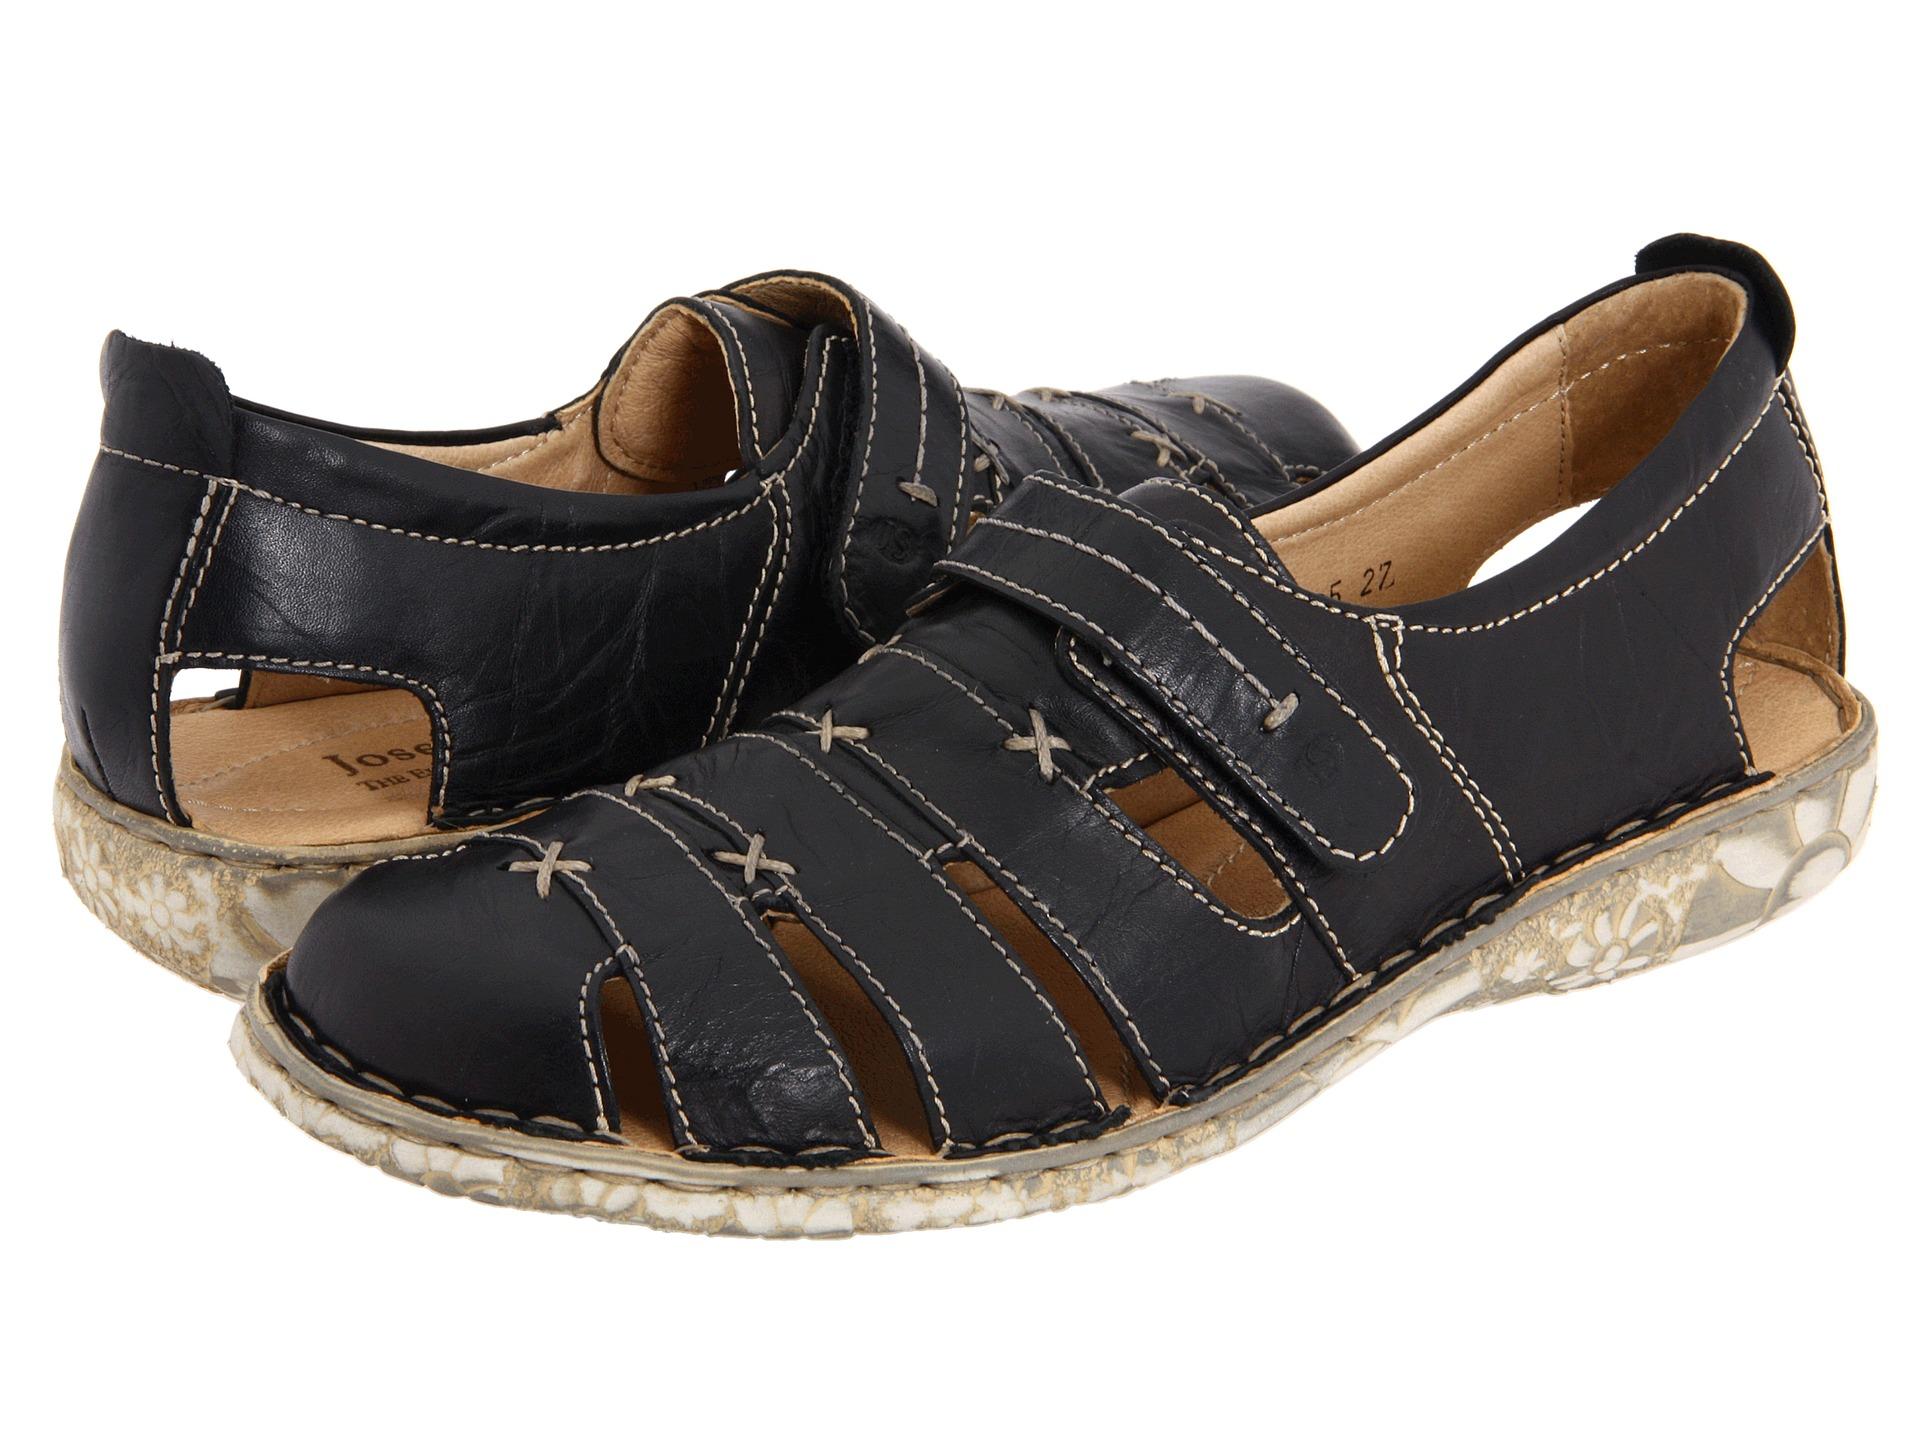 Women's sandals that hide bunions - Women's Sandals That Hide Bunions 40